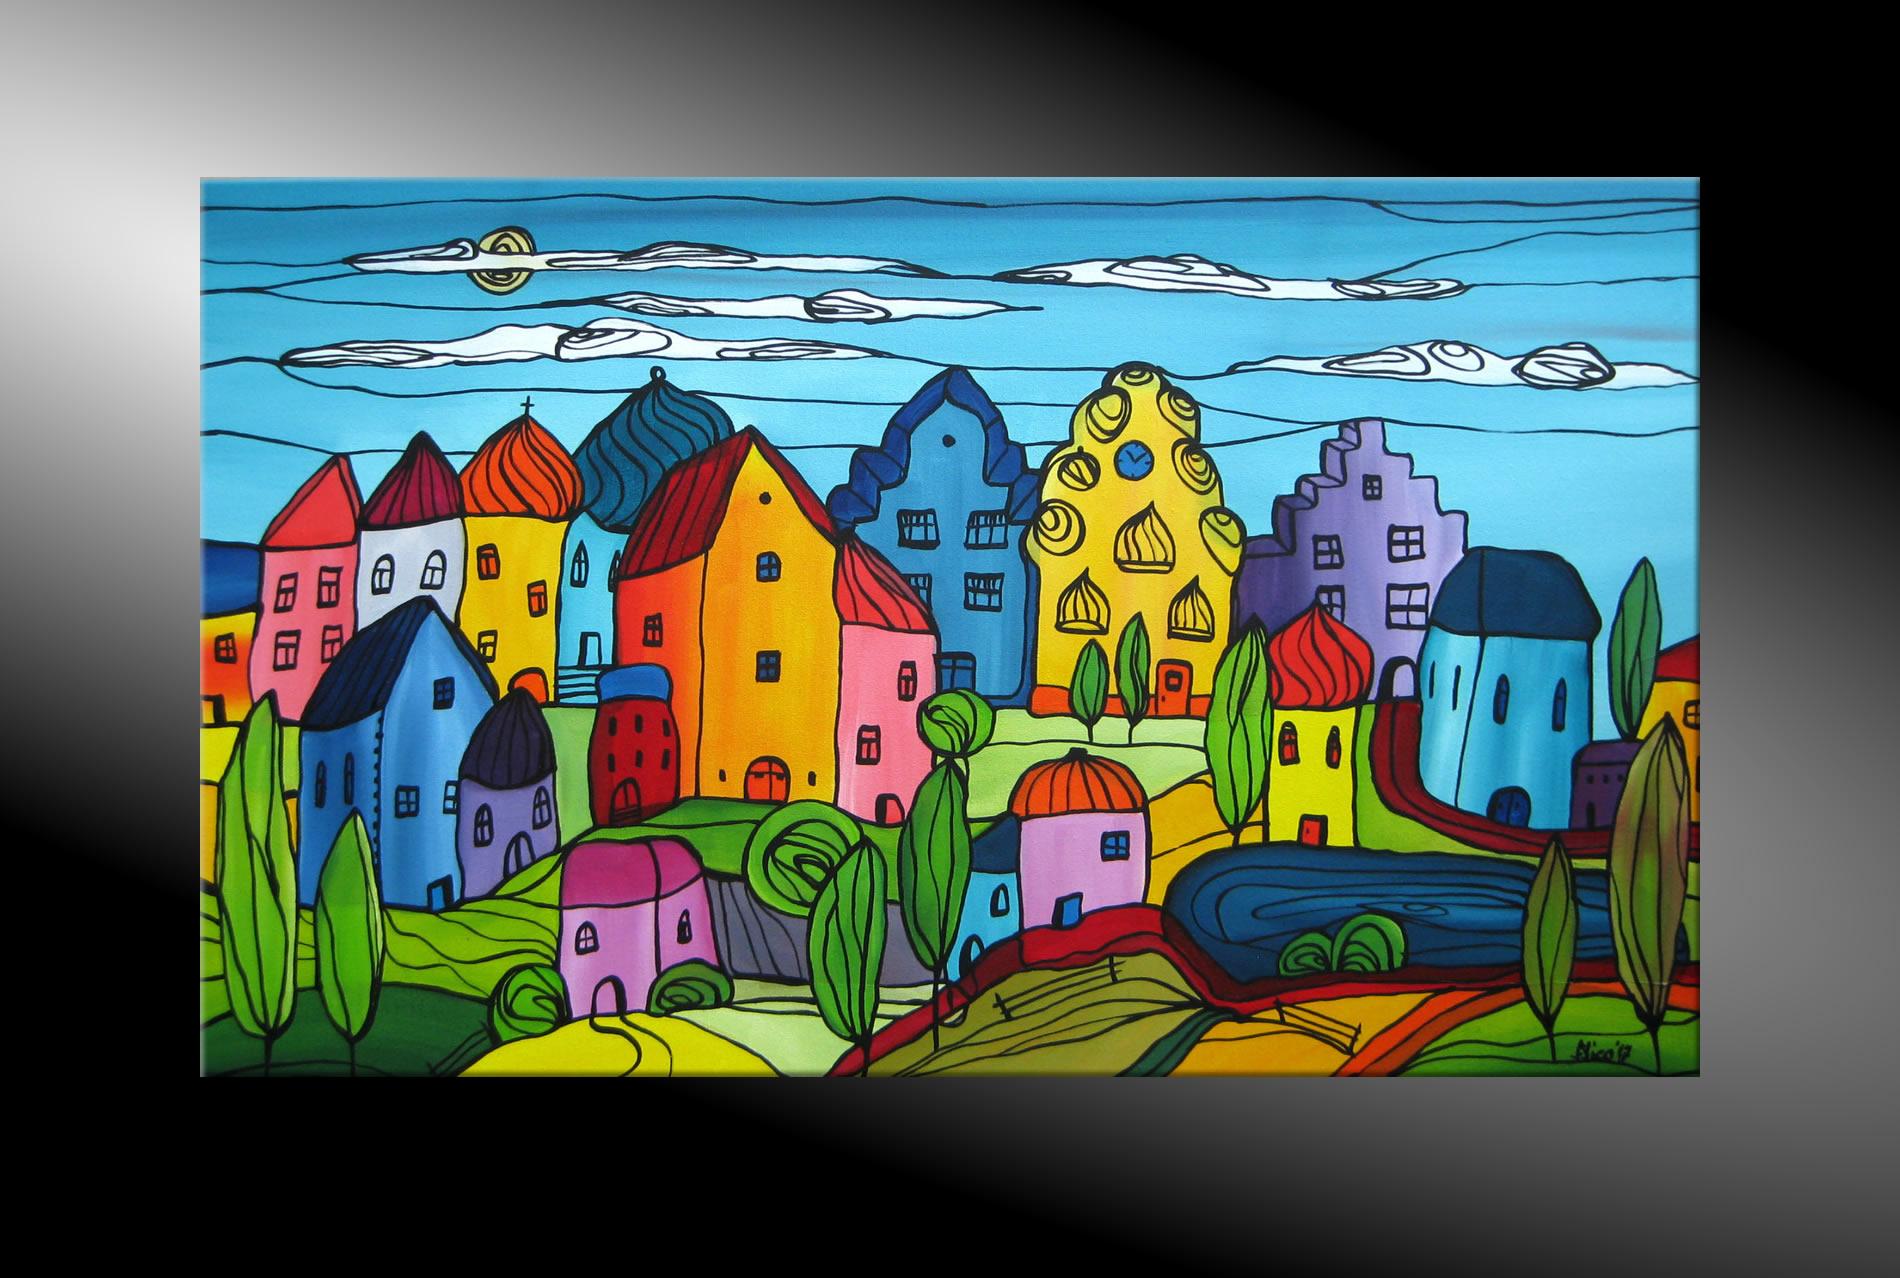 c goethe original handgemalt kunst auf leinwand bilder landschaft malerei bild ebay. Black Bedroom Furniture Sets. Home Design Ideas